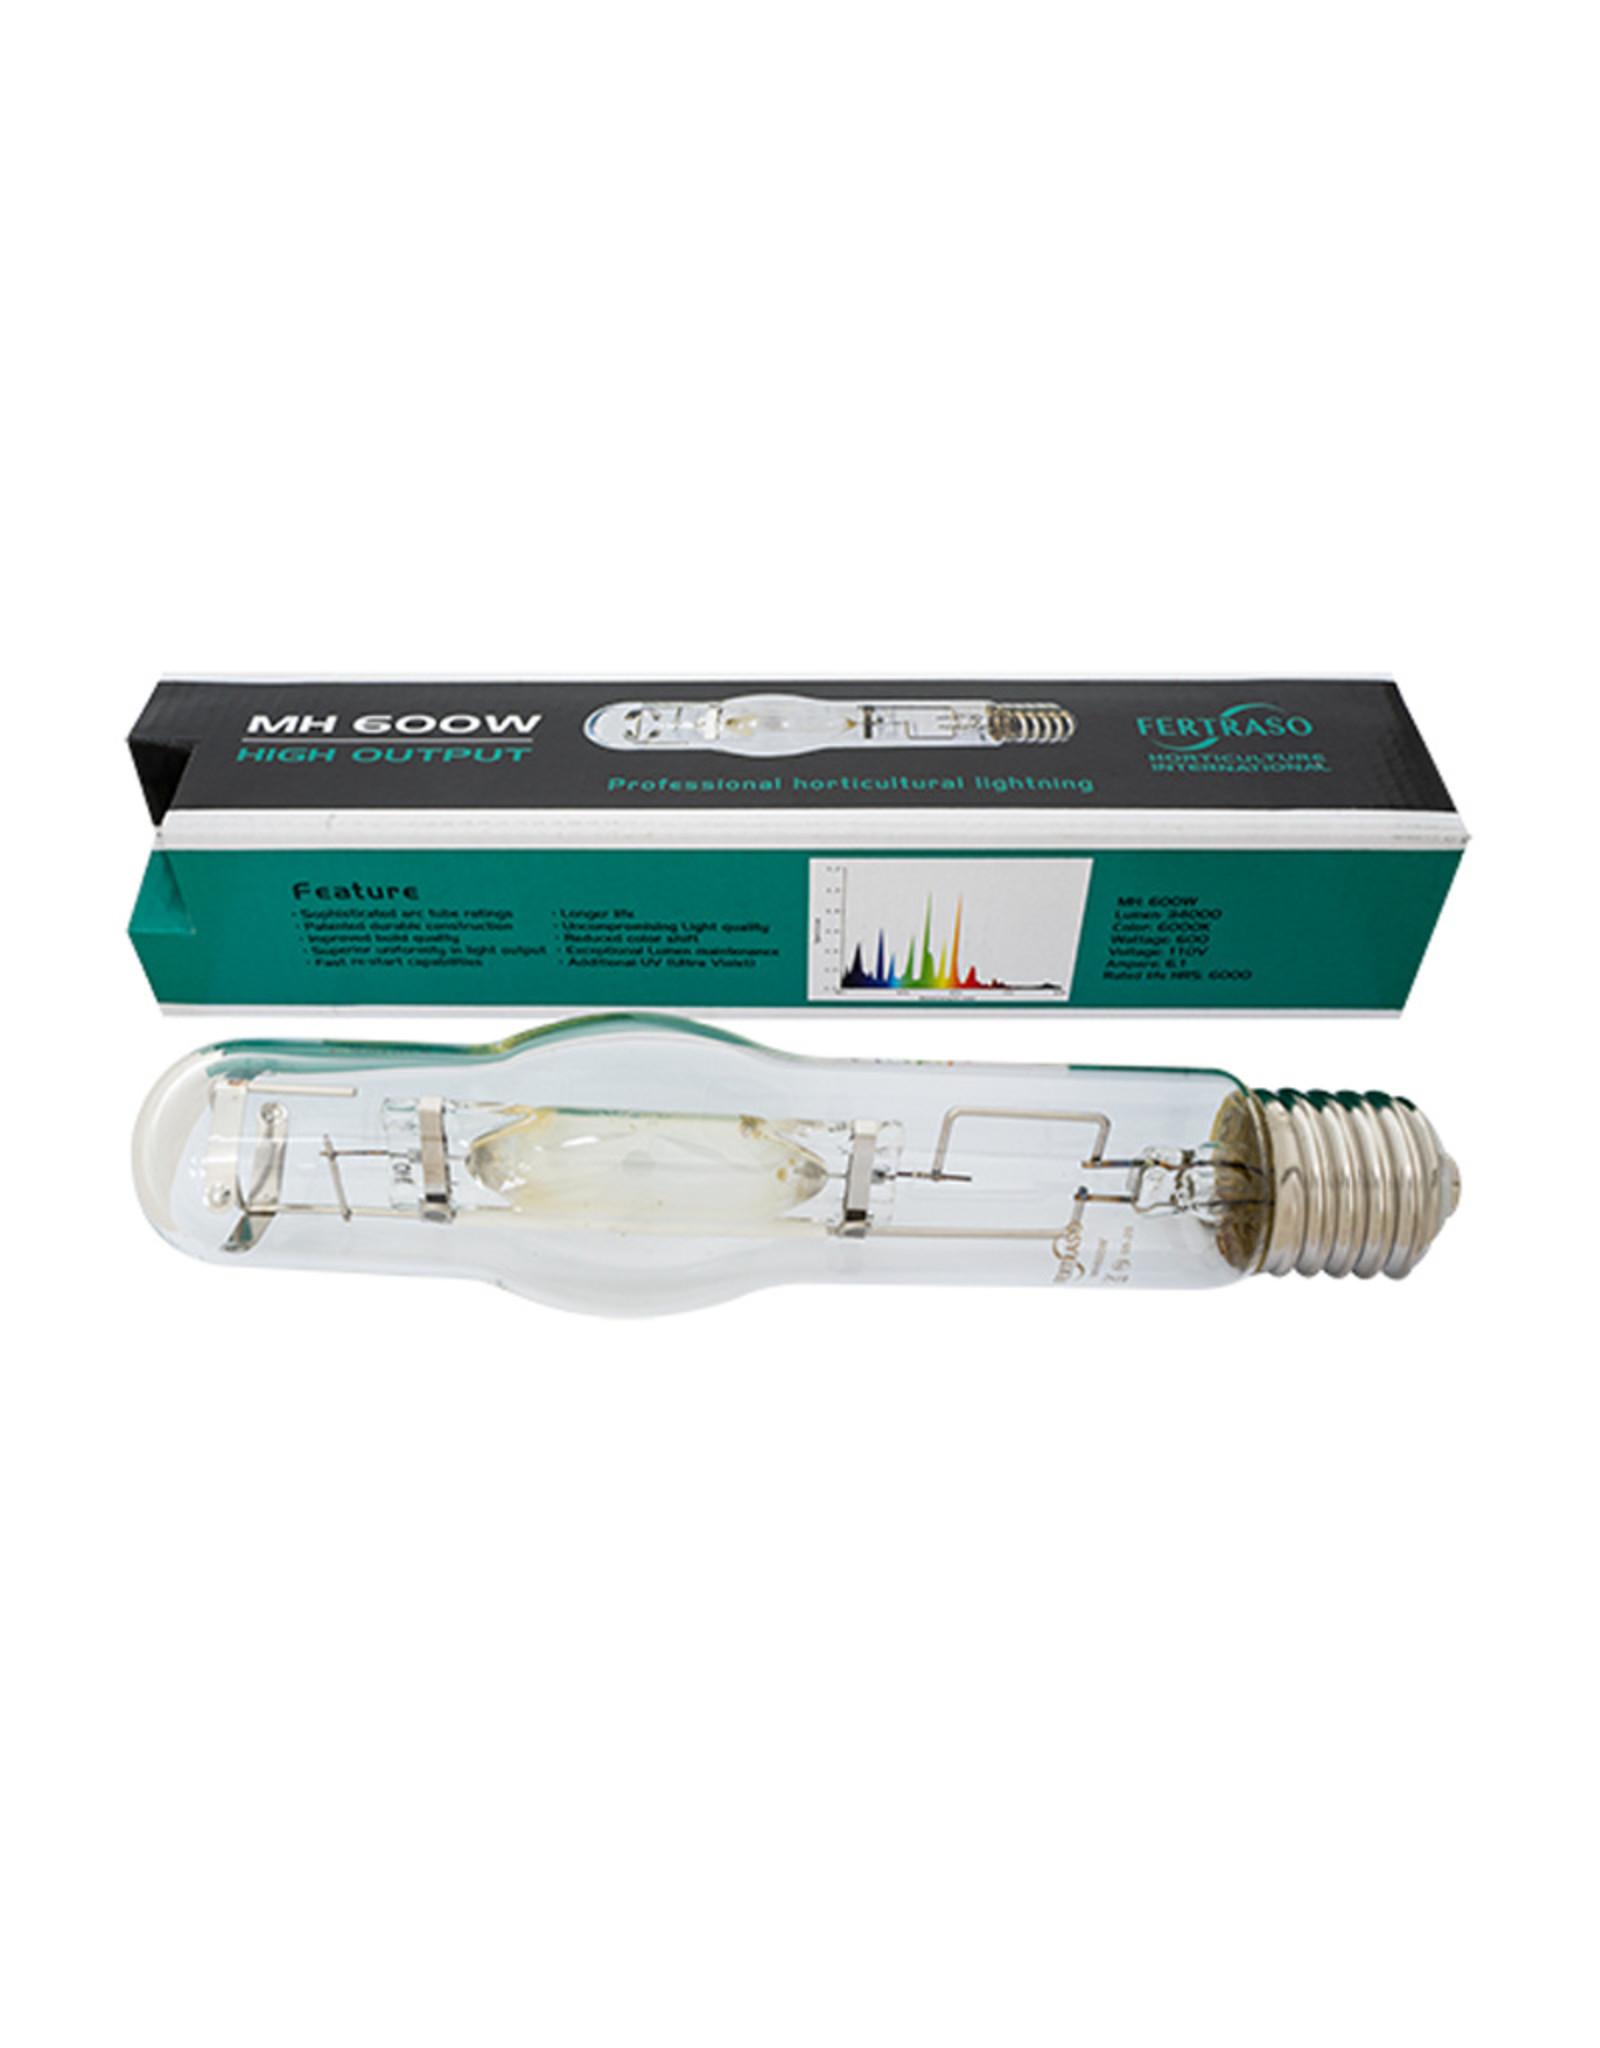 FERTRASO FERTRASO HPIT/METAL HALIDE LAMP